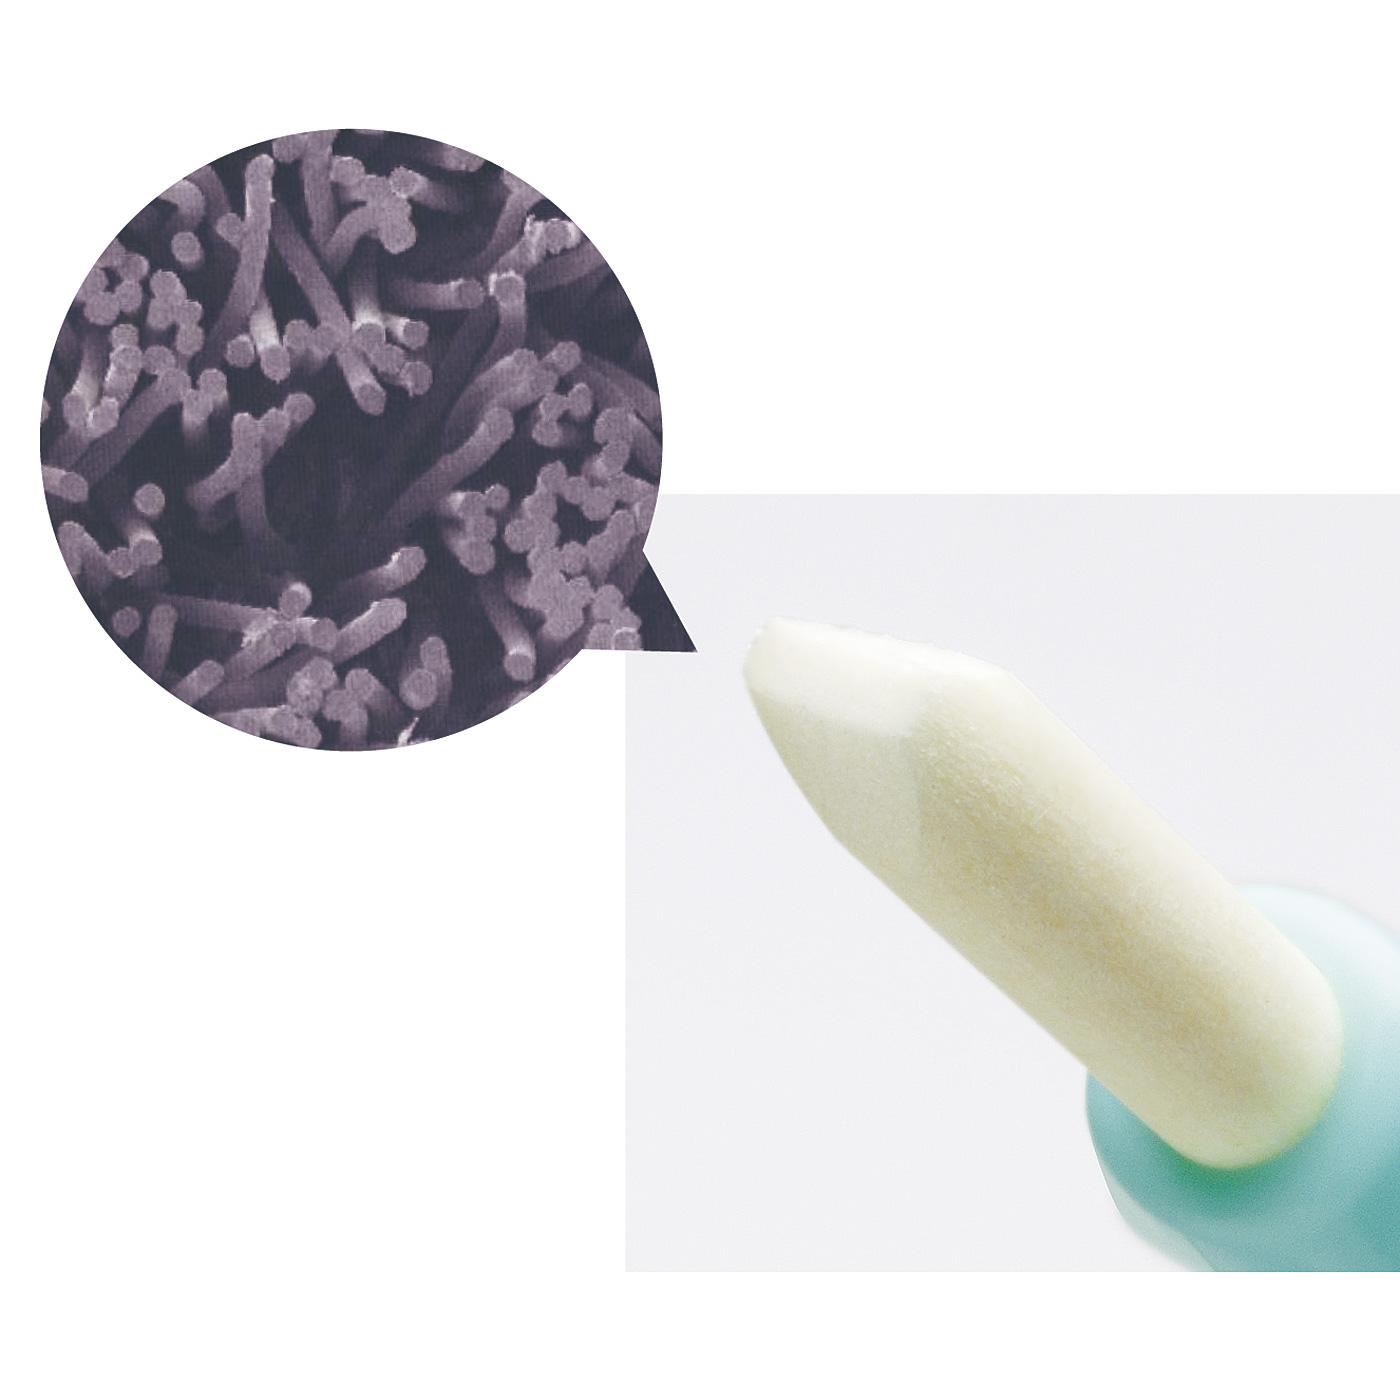 極細の繊維をぎゅっと固めたスティックが歯のカーブに沿いやすく、すき間に届いて汚れを落とします。